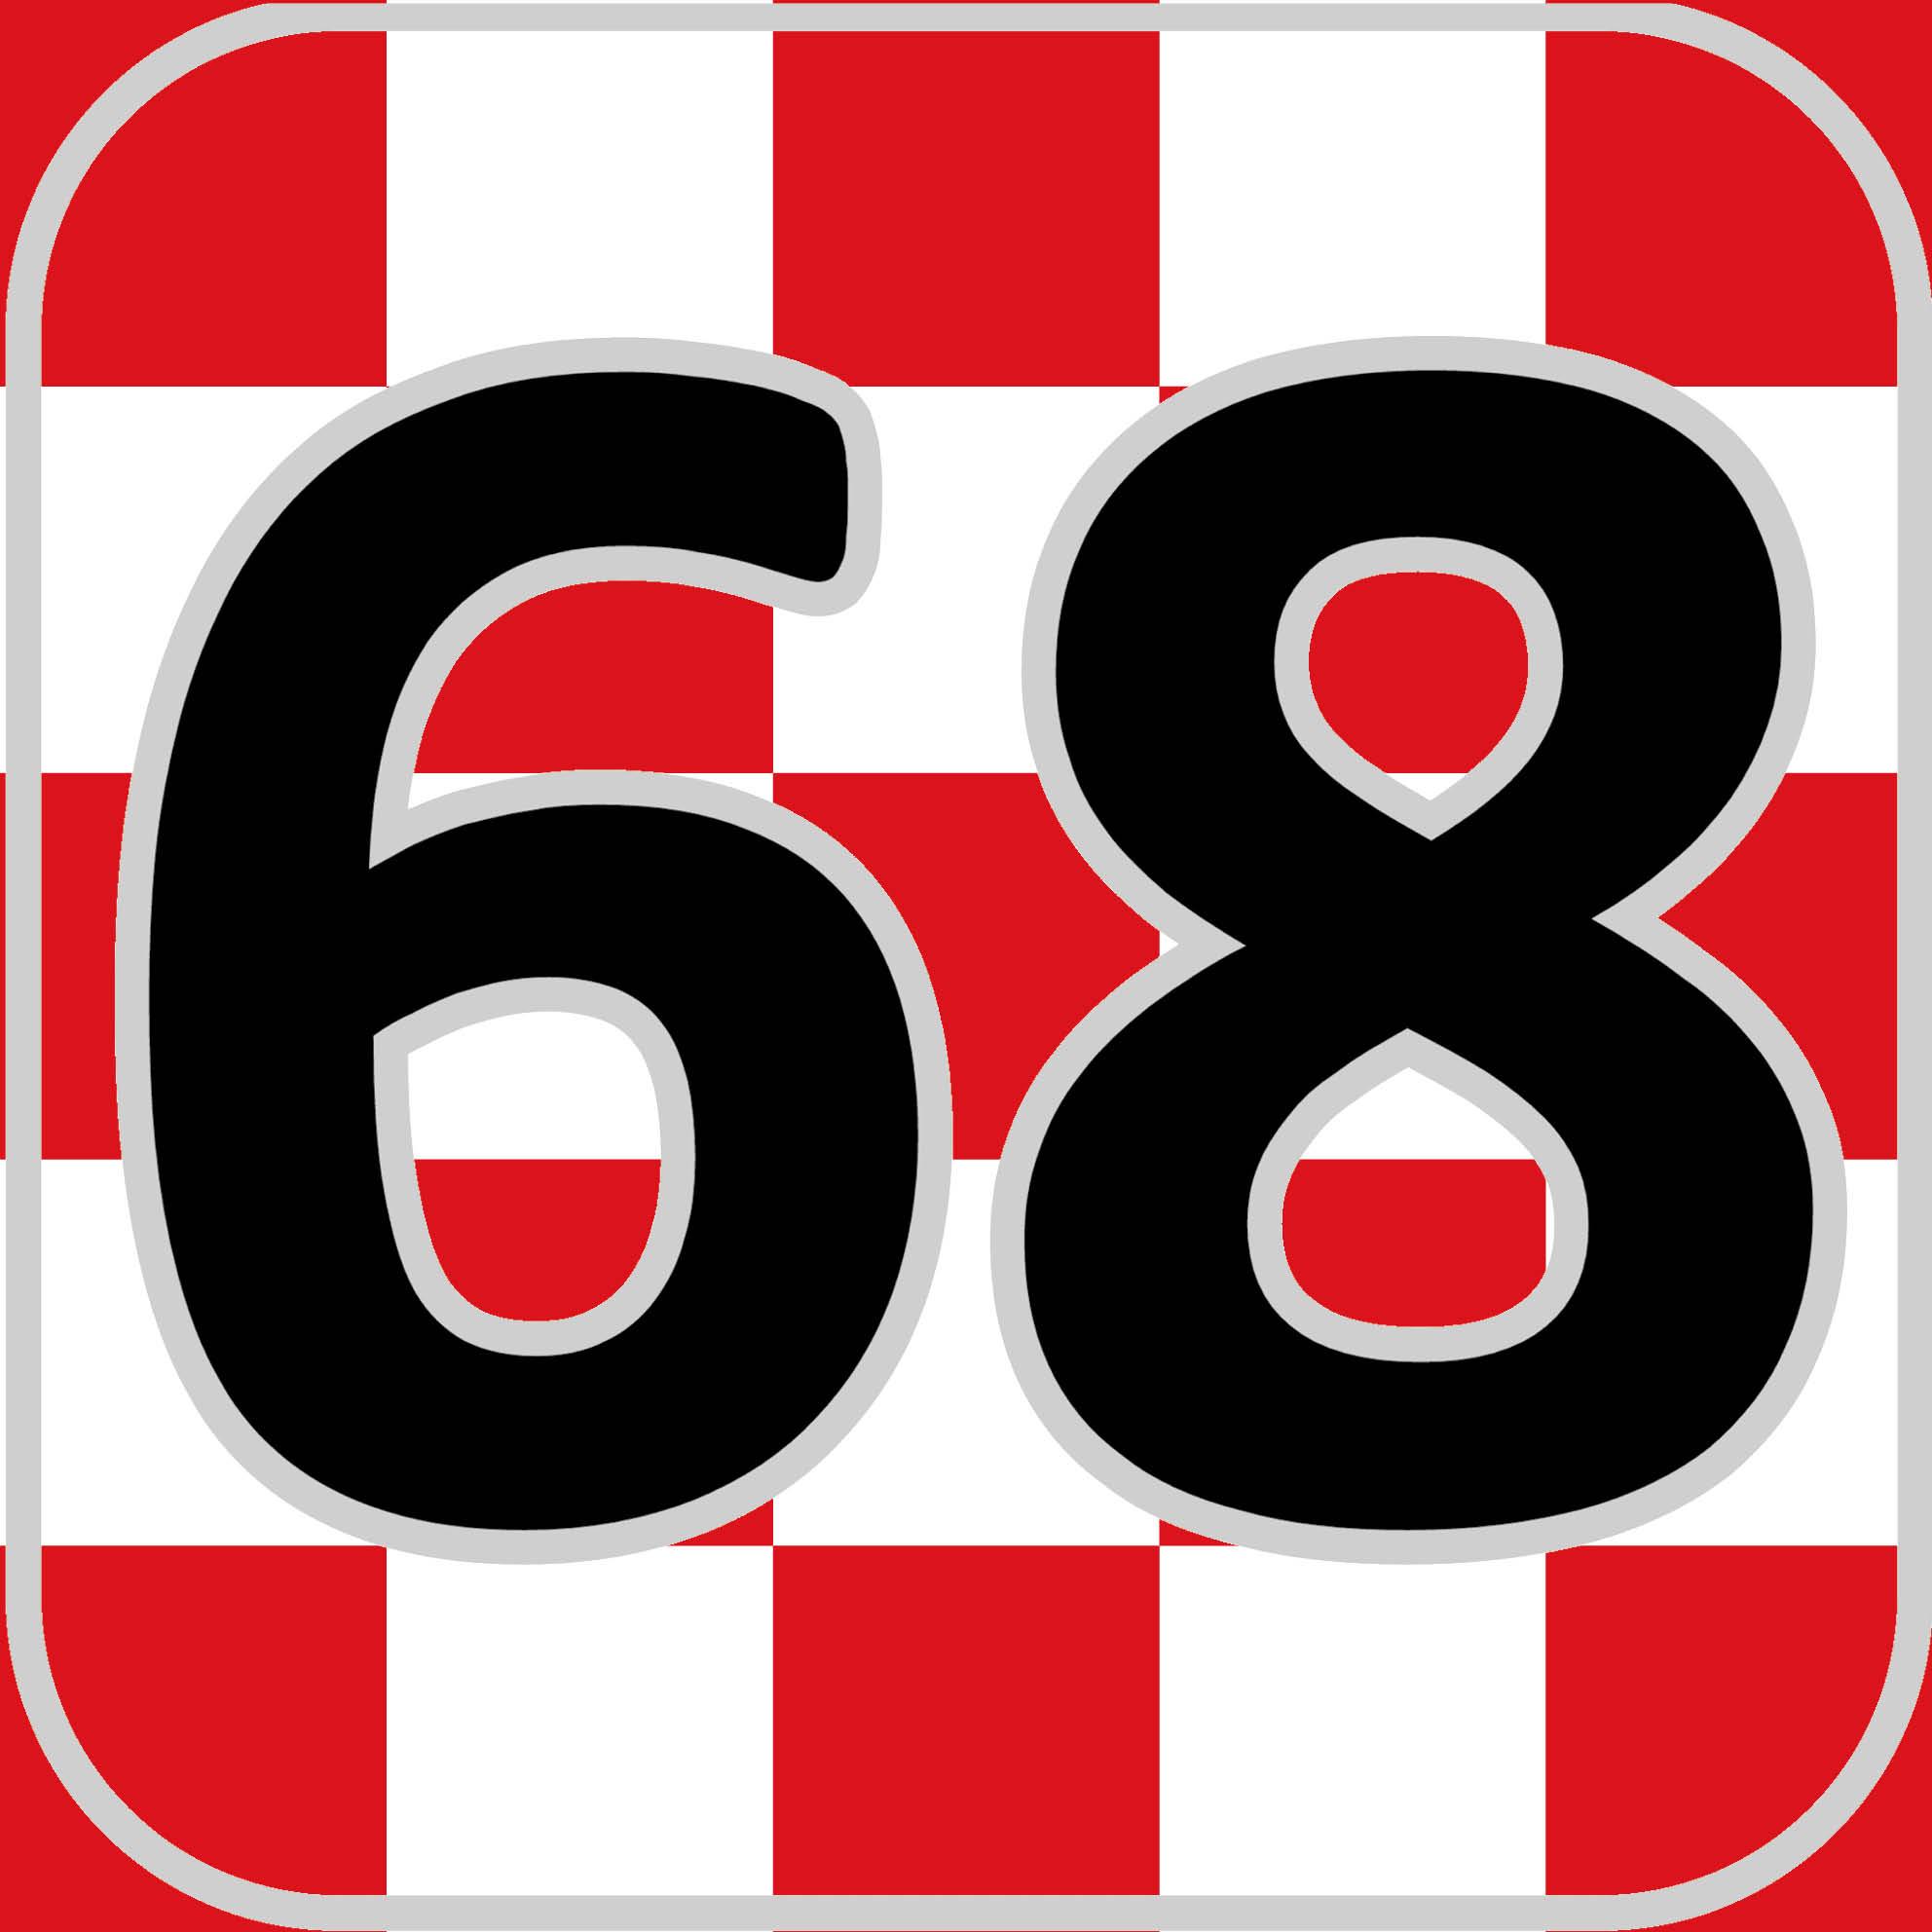 wgdw_team_68_logo